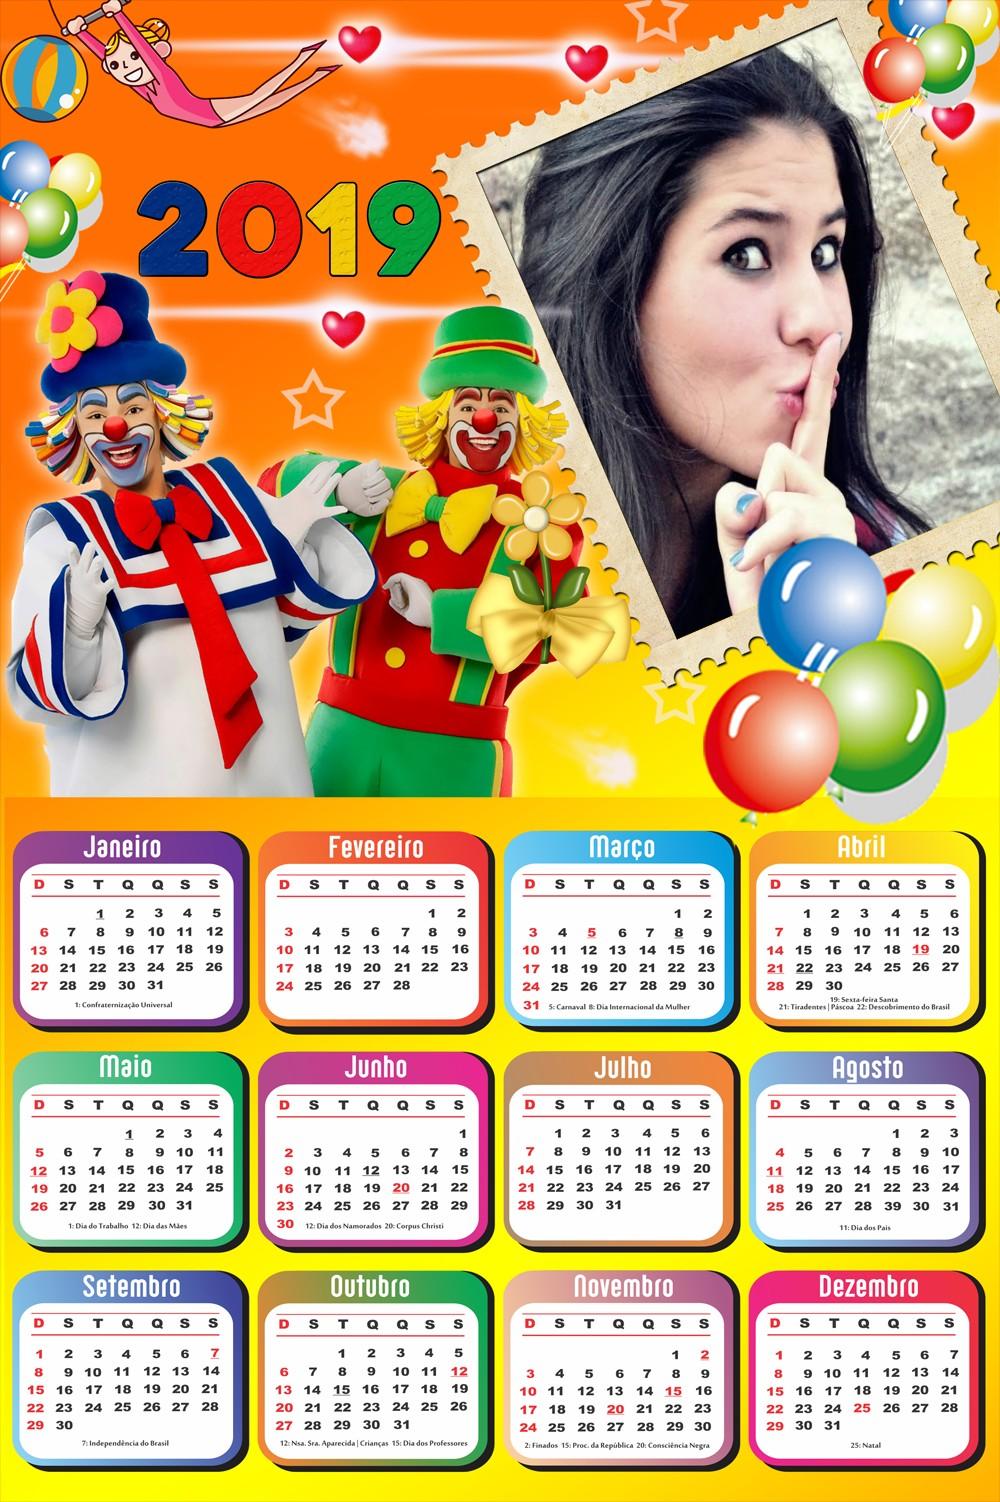 foto-calendario-2019-palhacos-patati-patata